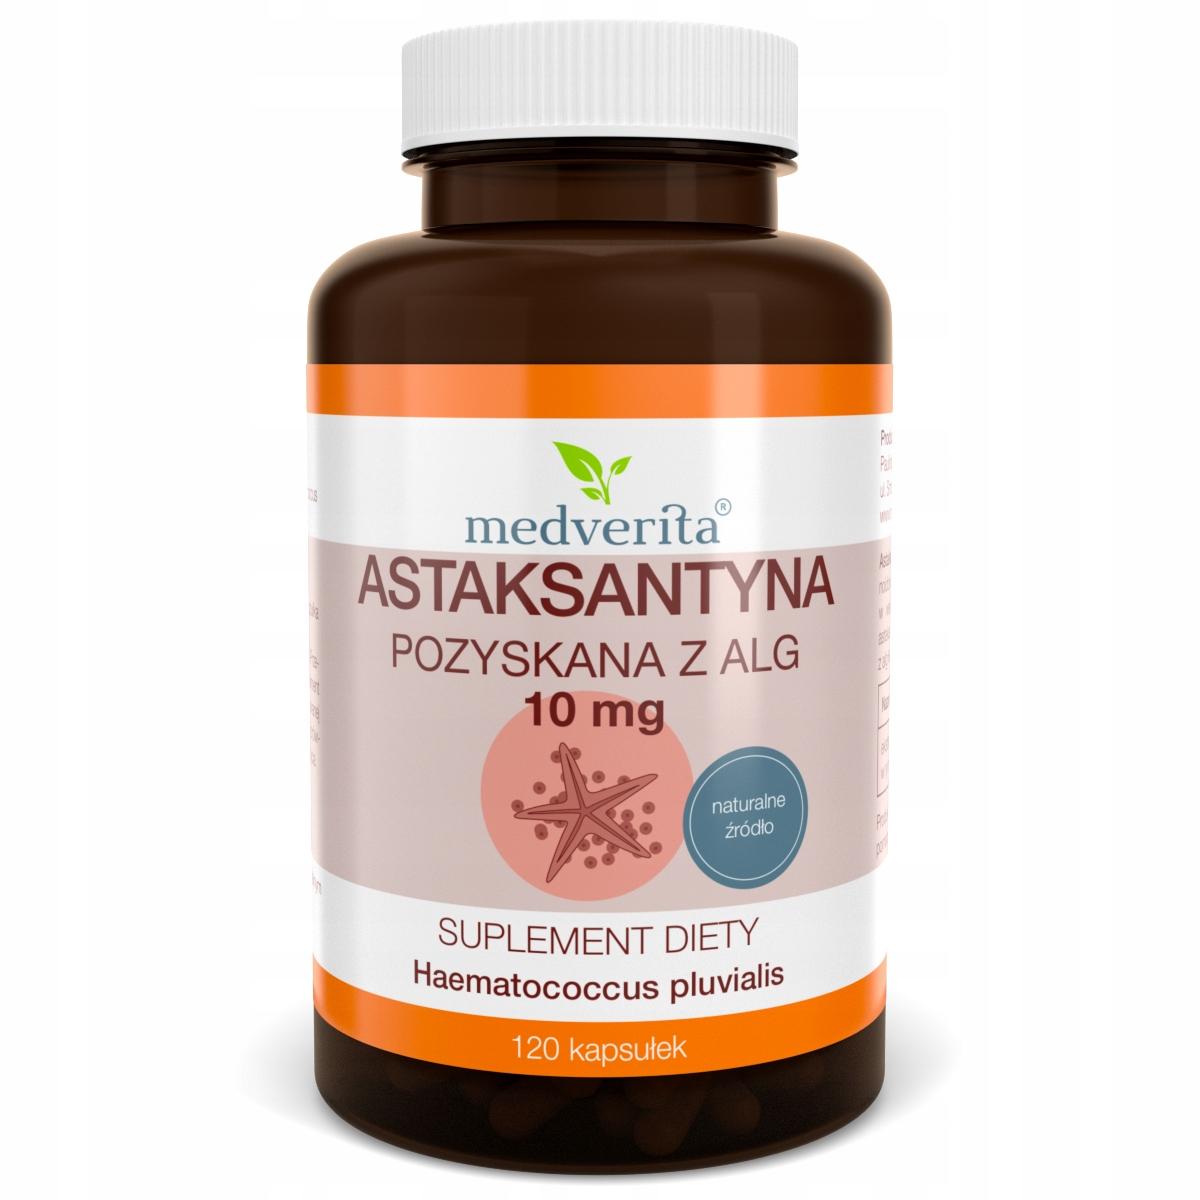 ASTAKSANTYNA 10 mg NATURALNA z Alg - 120 kapsułek